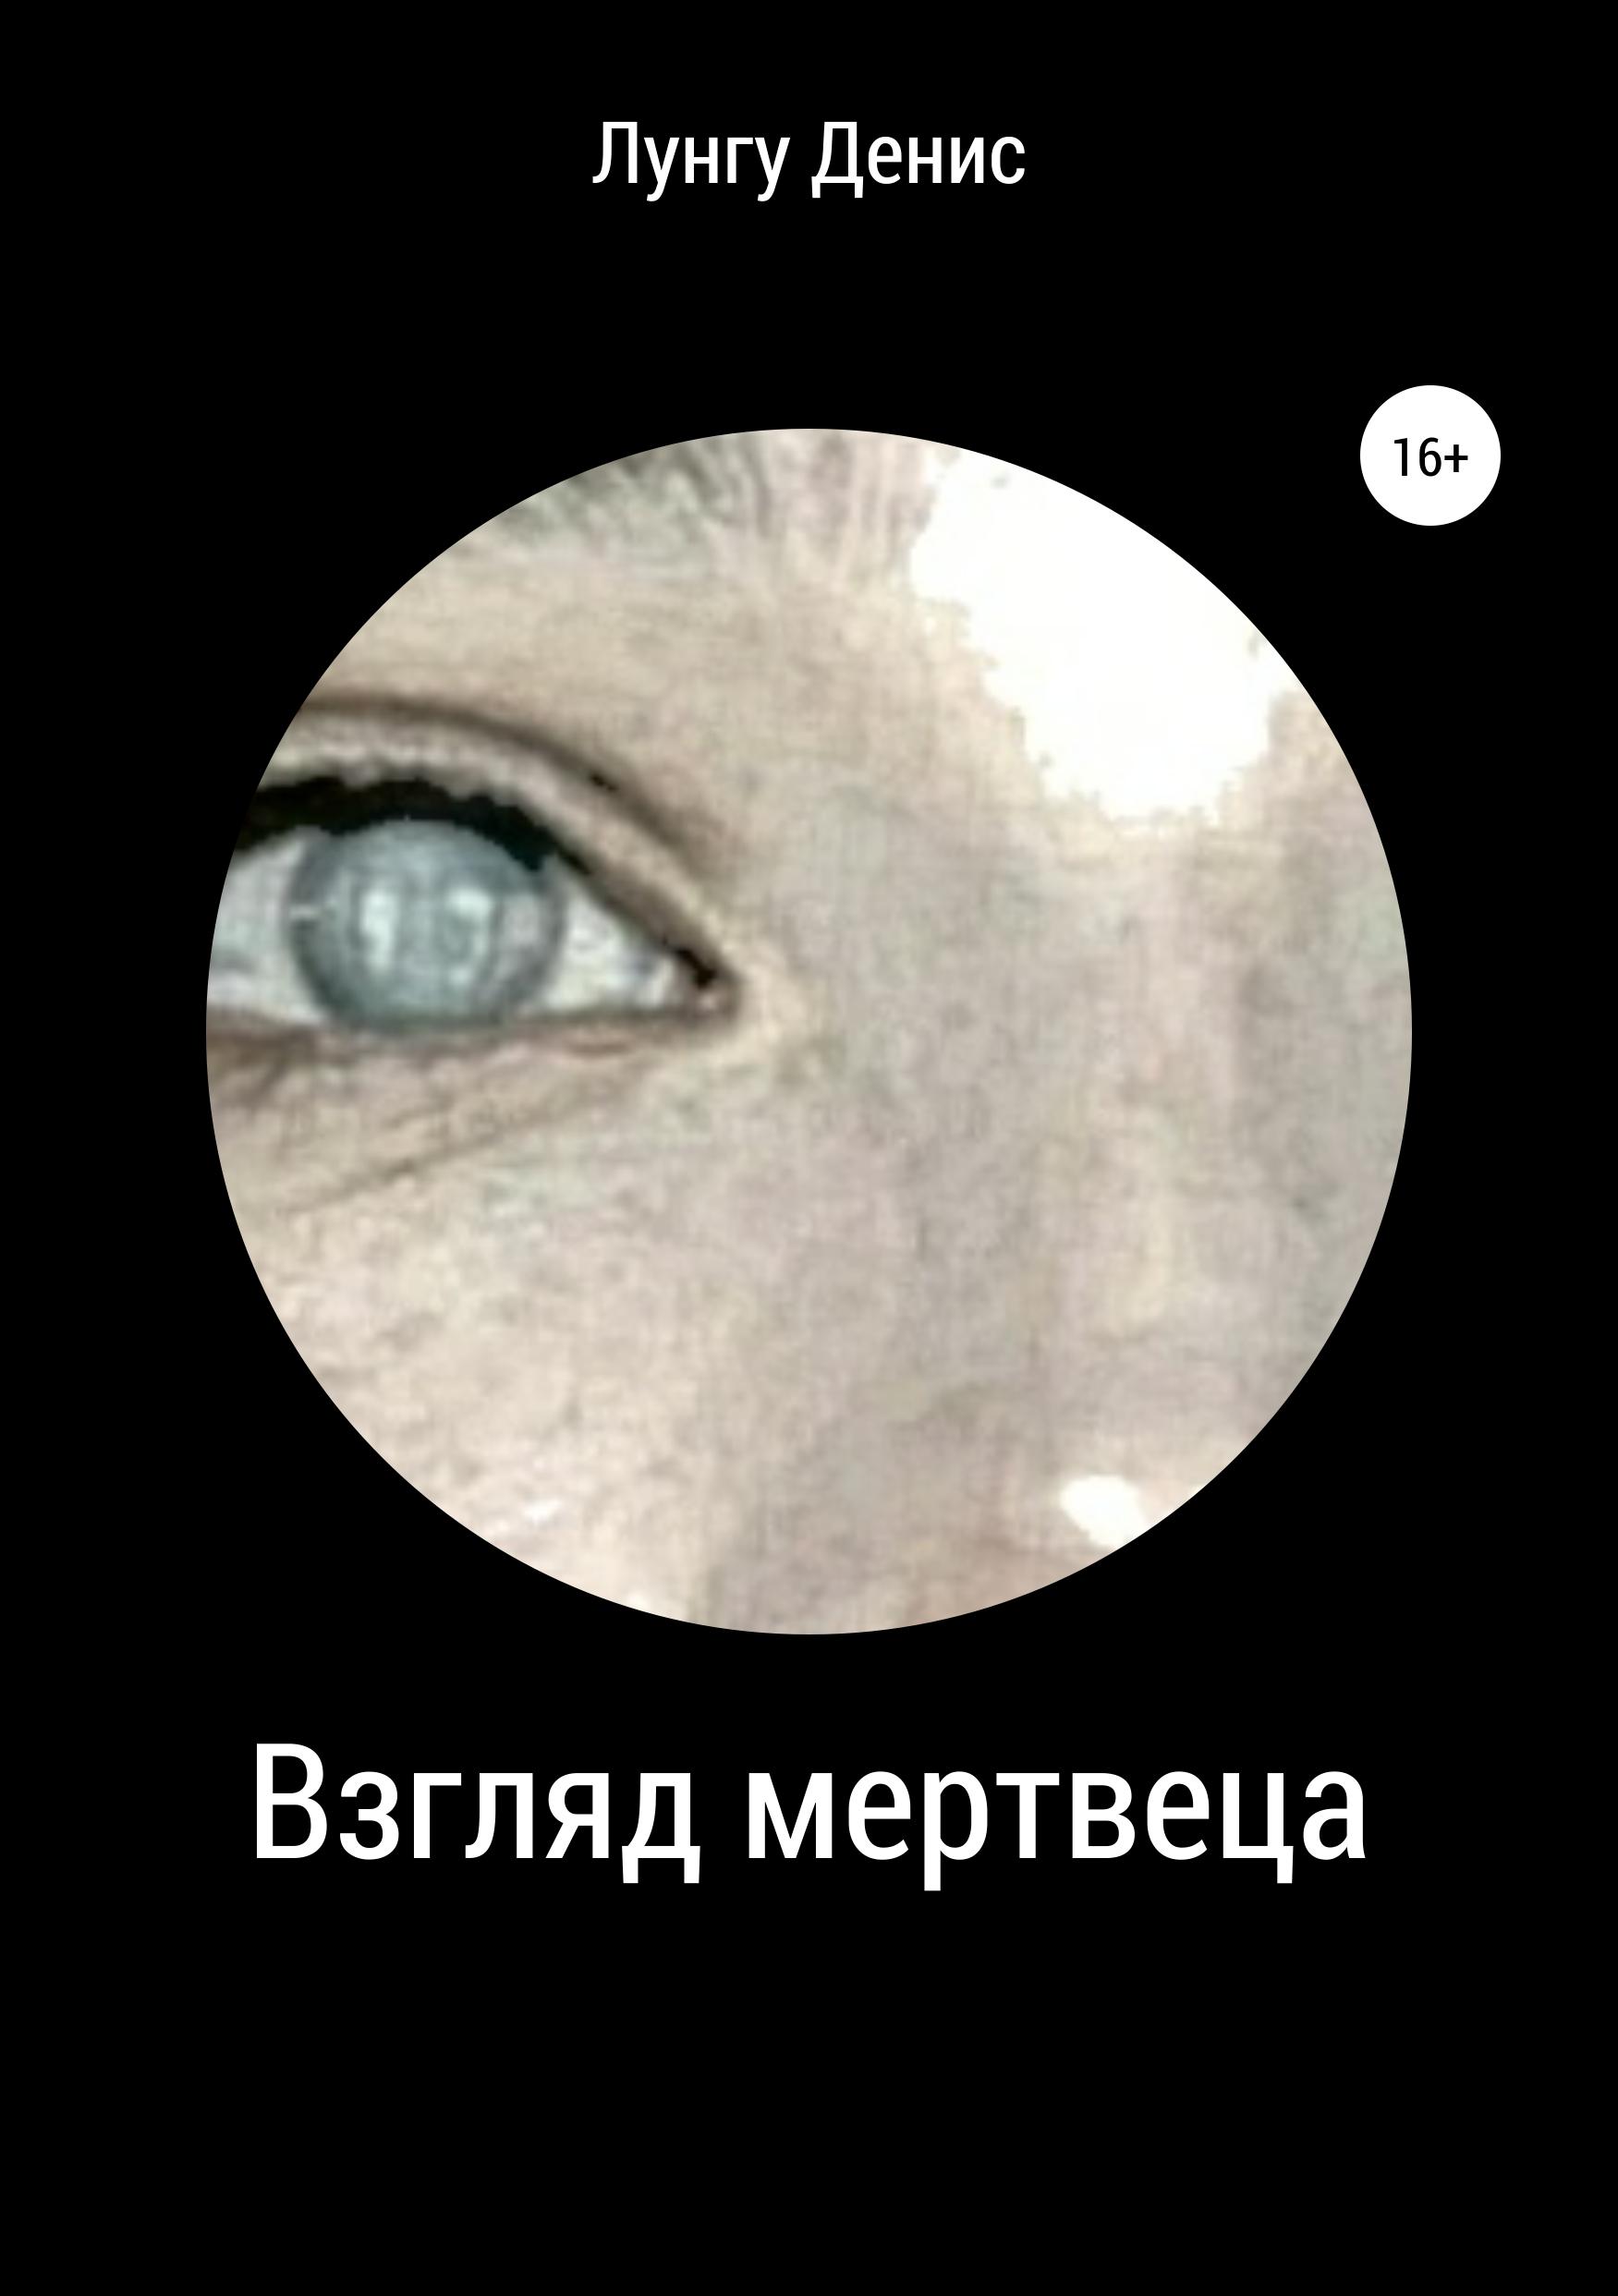 Взгляд мертвеца